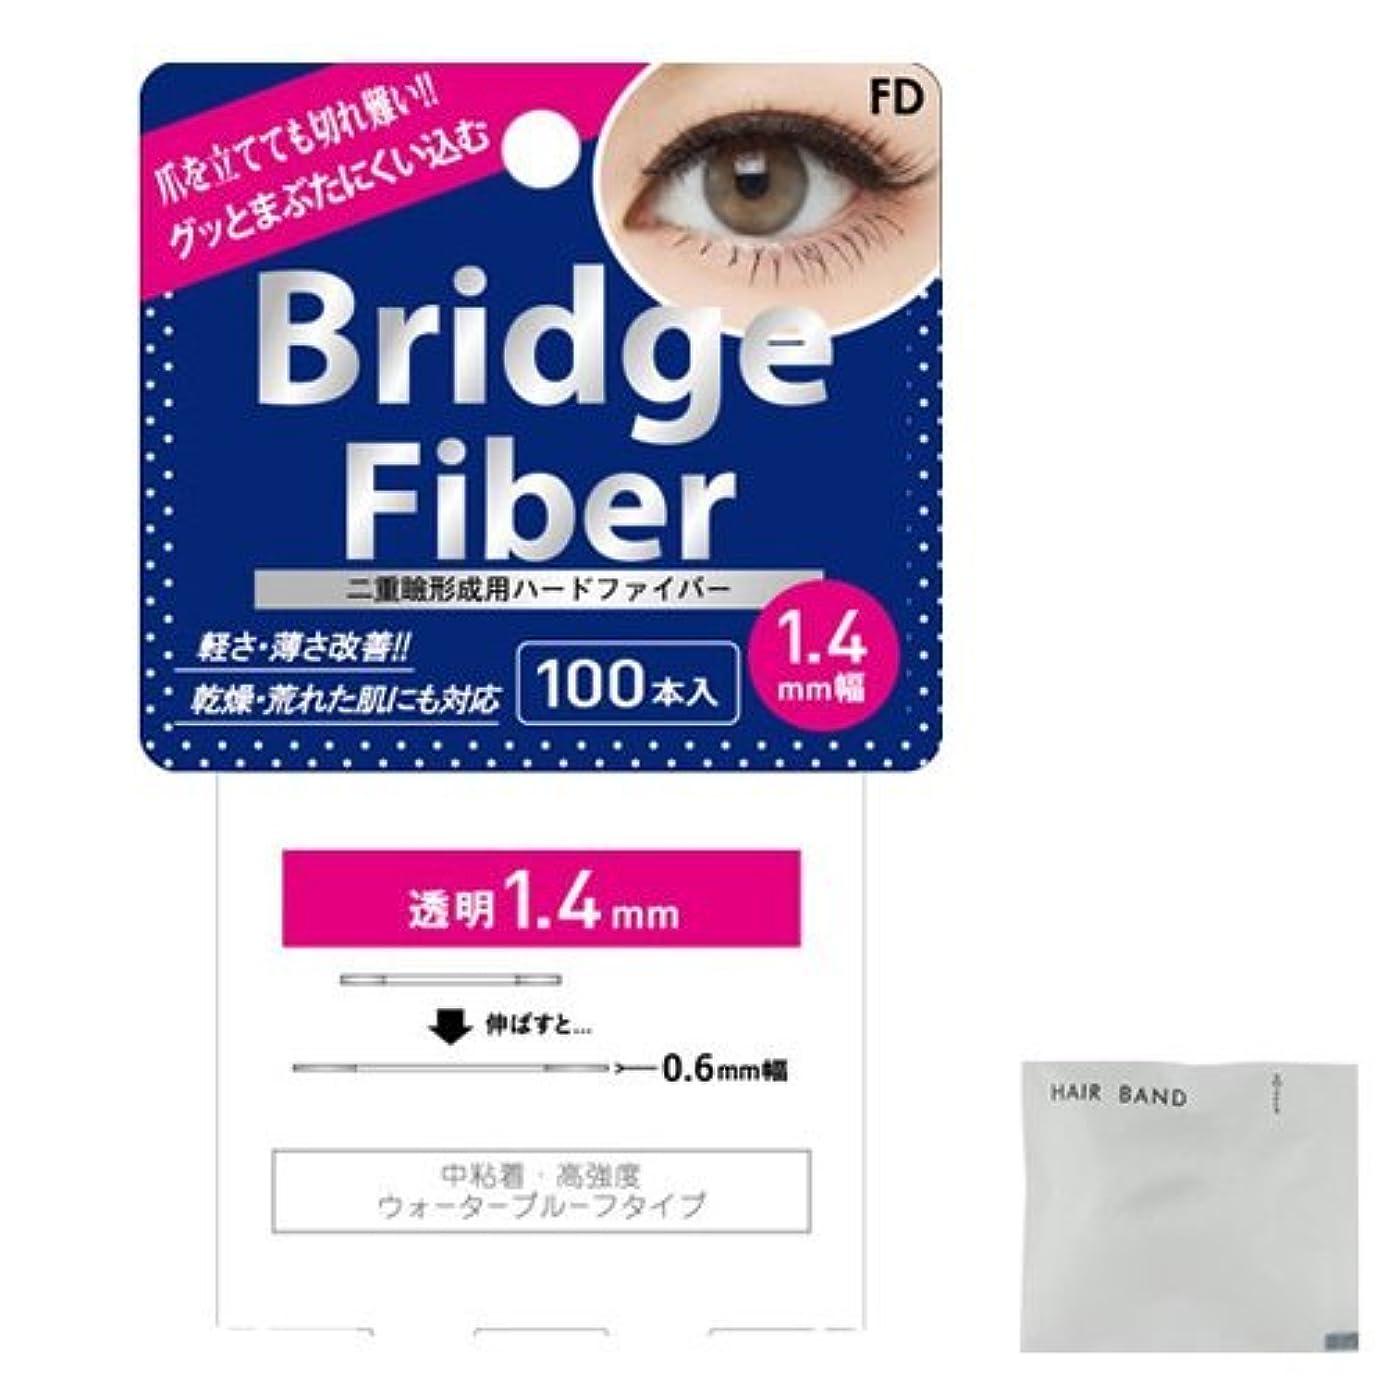 高める溶けたスポンジFD ブリッジファイバーⅡ (Bridge Fiber) クリア1.4mm + ヘアゴム(カラーはおまかせ)セット